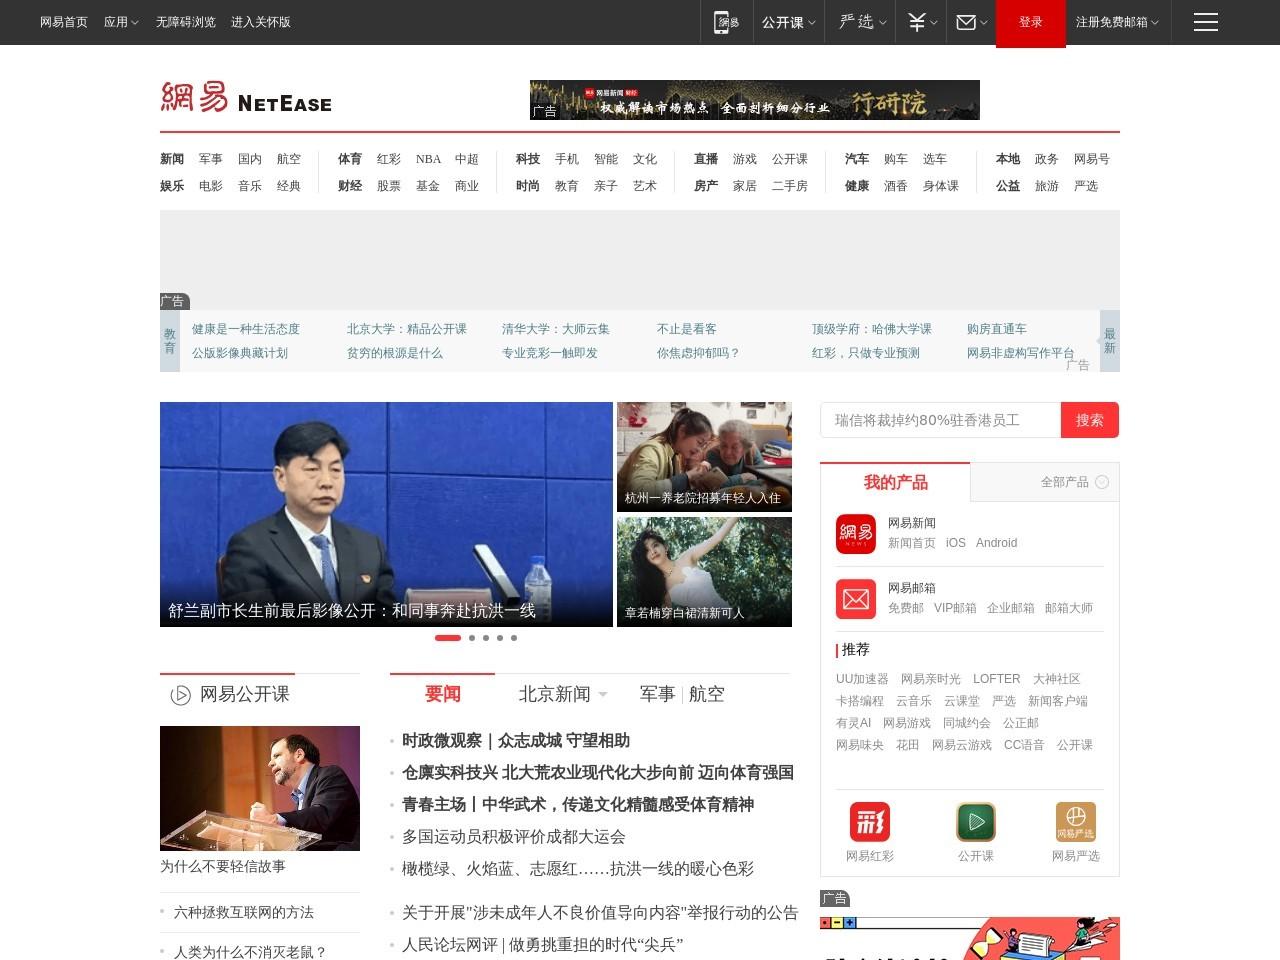 朱艺:吴曦无法与申花签署超过税前500万元工资帽的合同|足协|江苏队_网易订阅